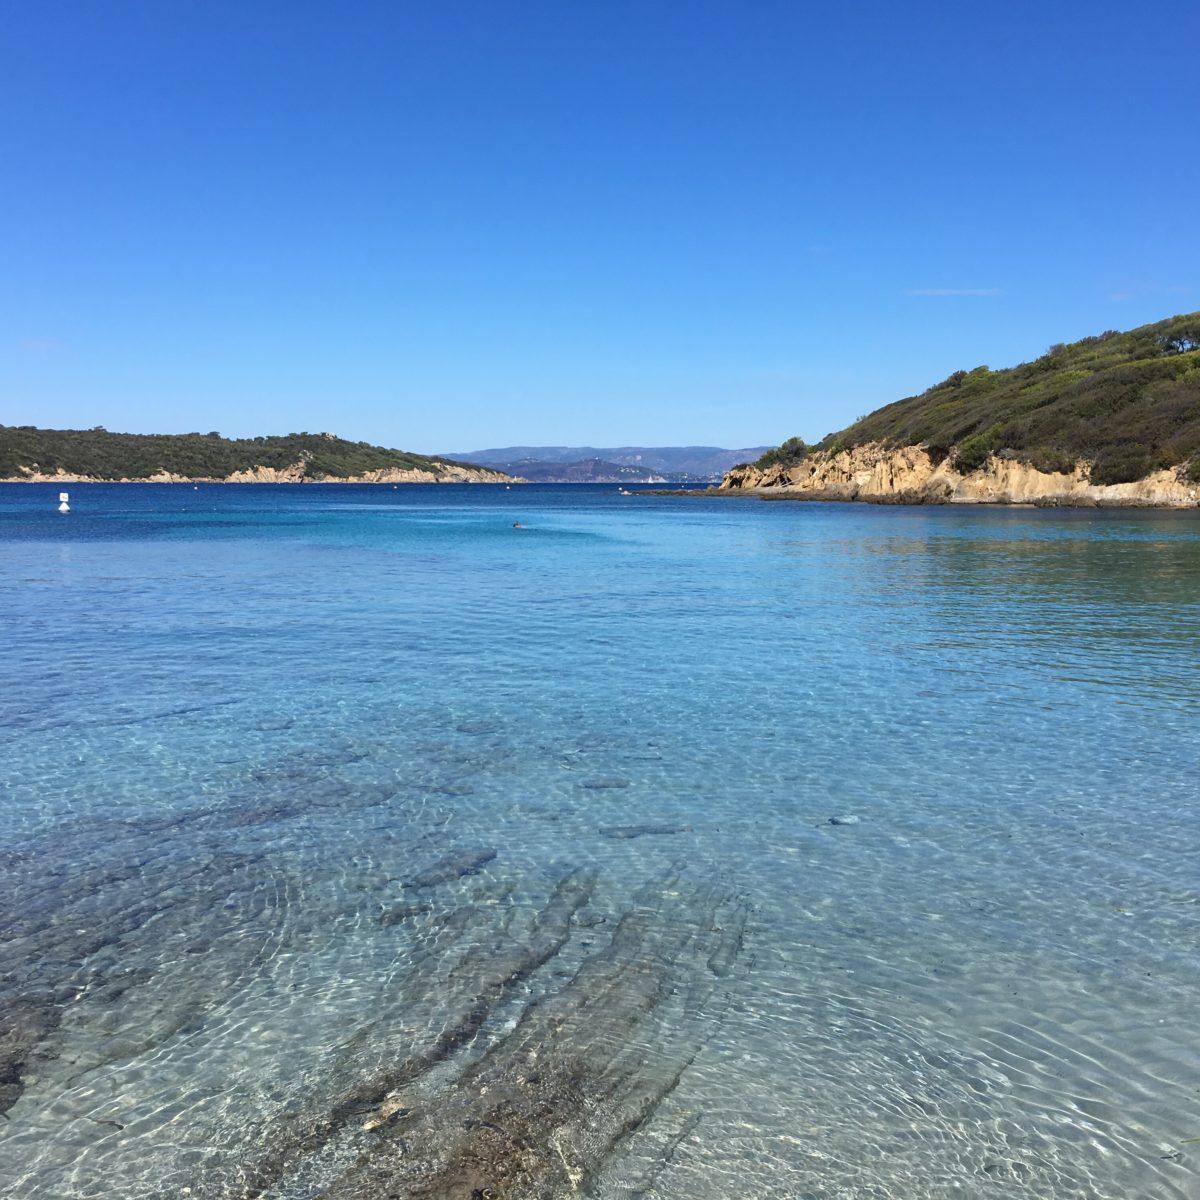 Der Südstrand - ideal zum Schnorcheln und Tauchen